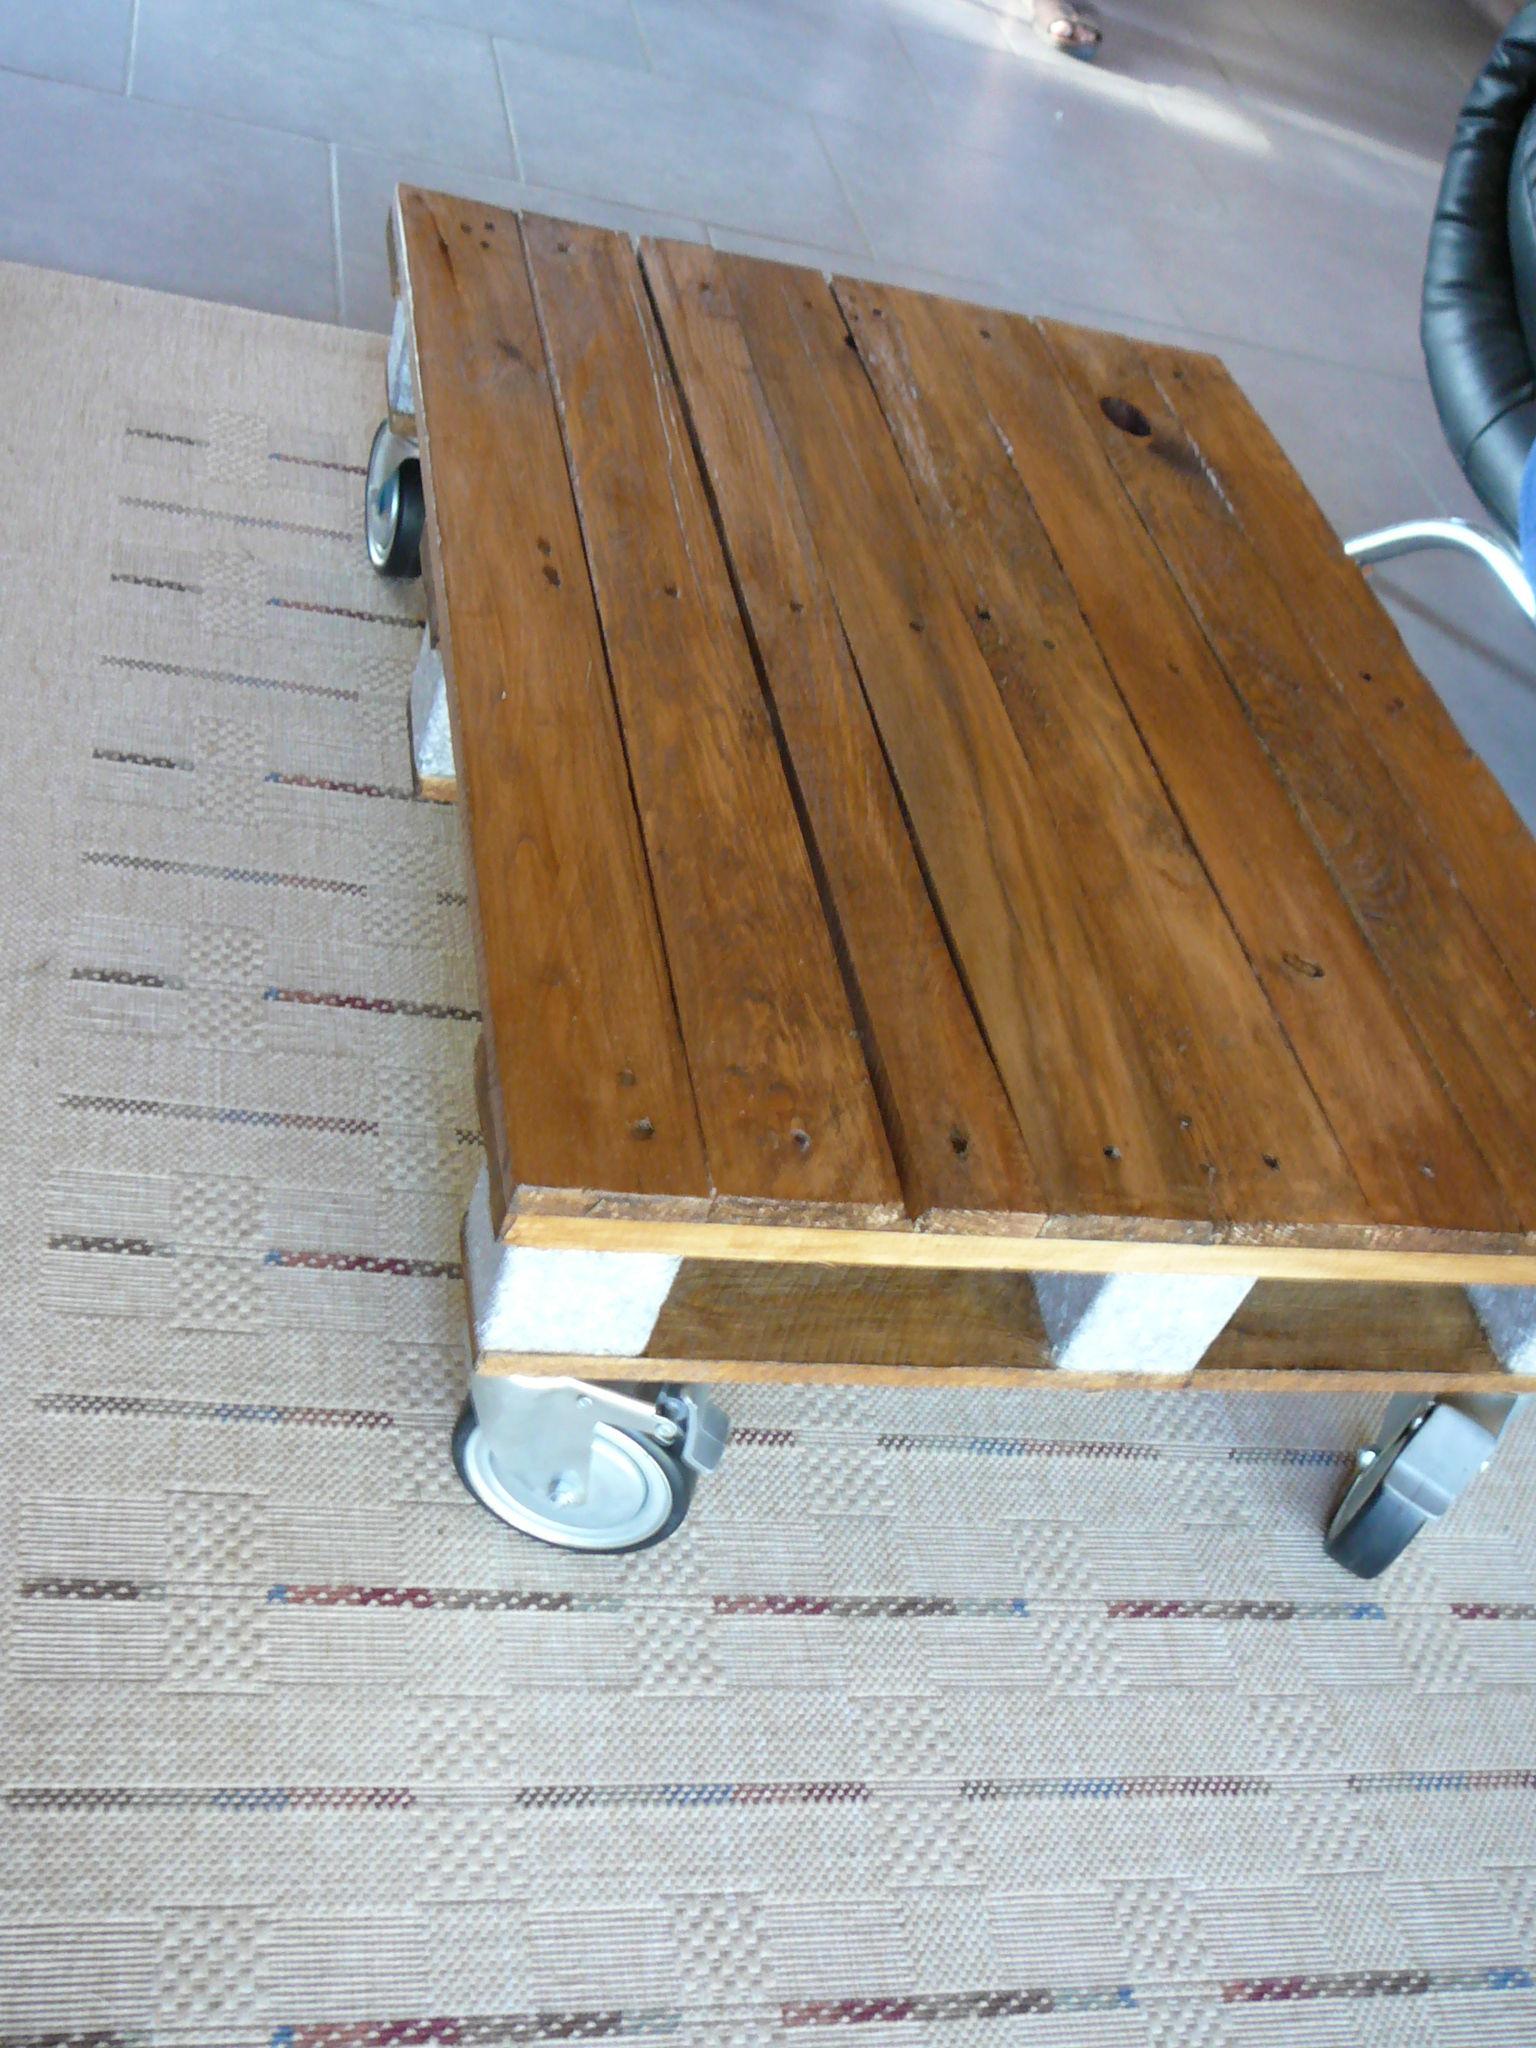 Mobilier industriel so trendy pastel et indigo - Roulettes industrielles pour meubles ...